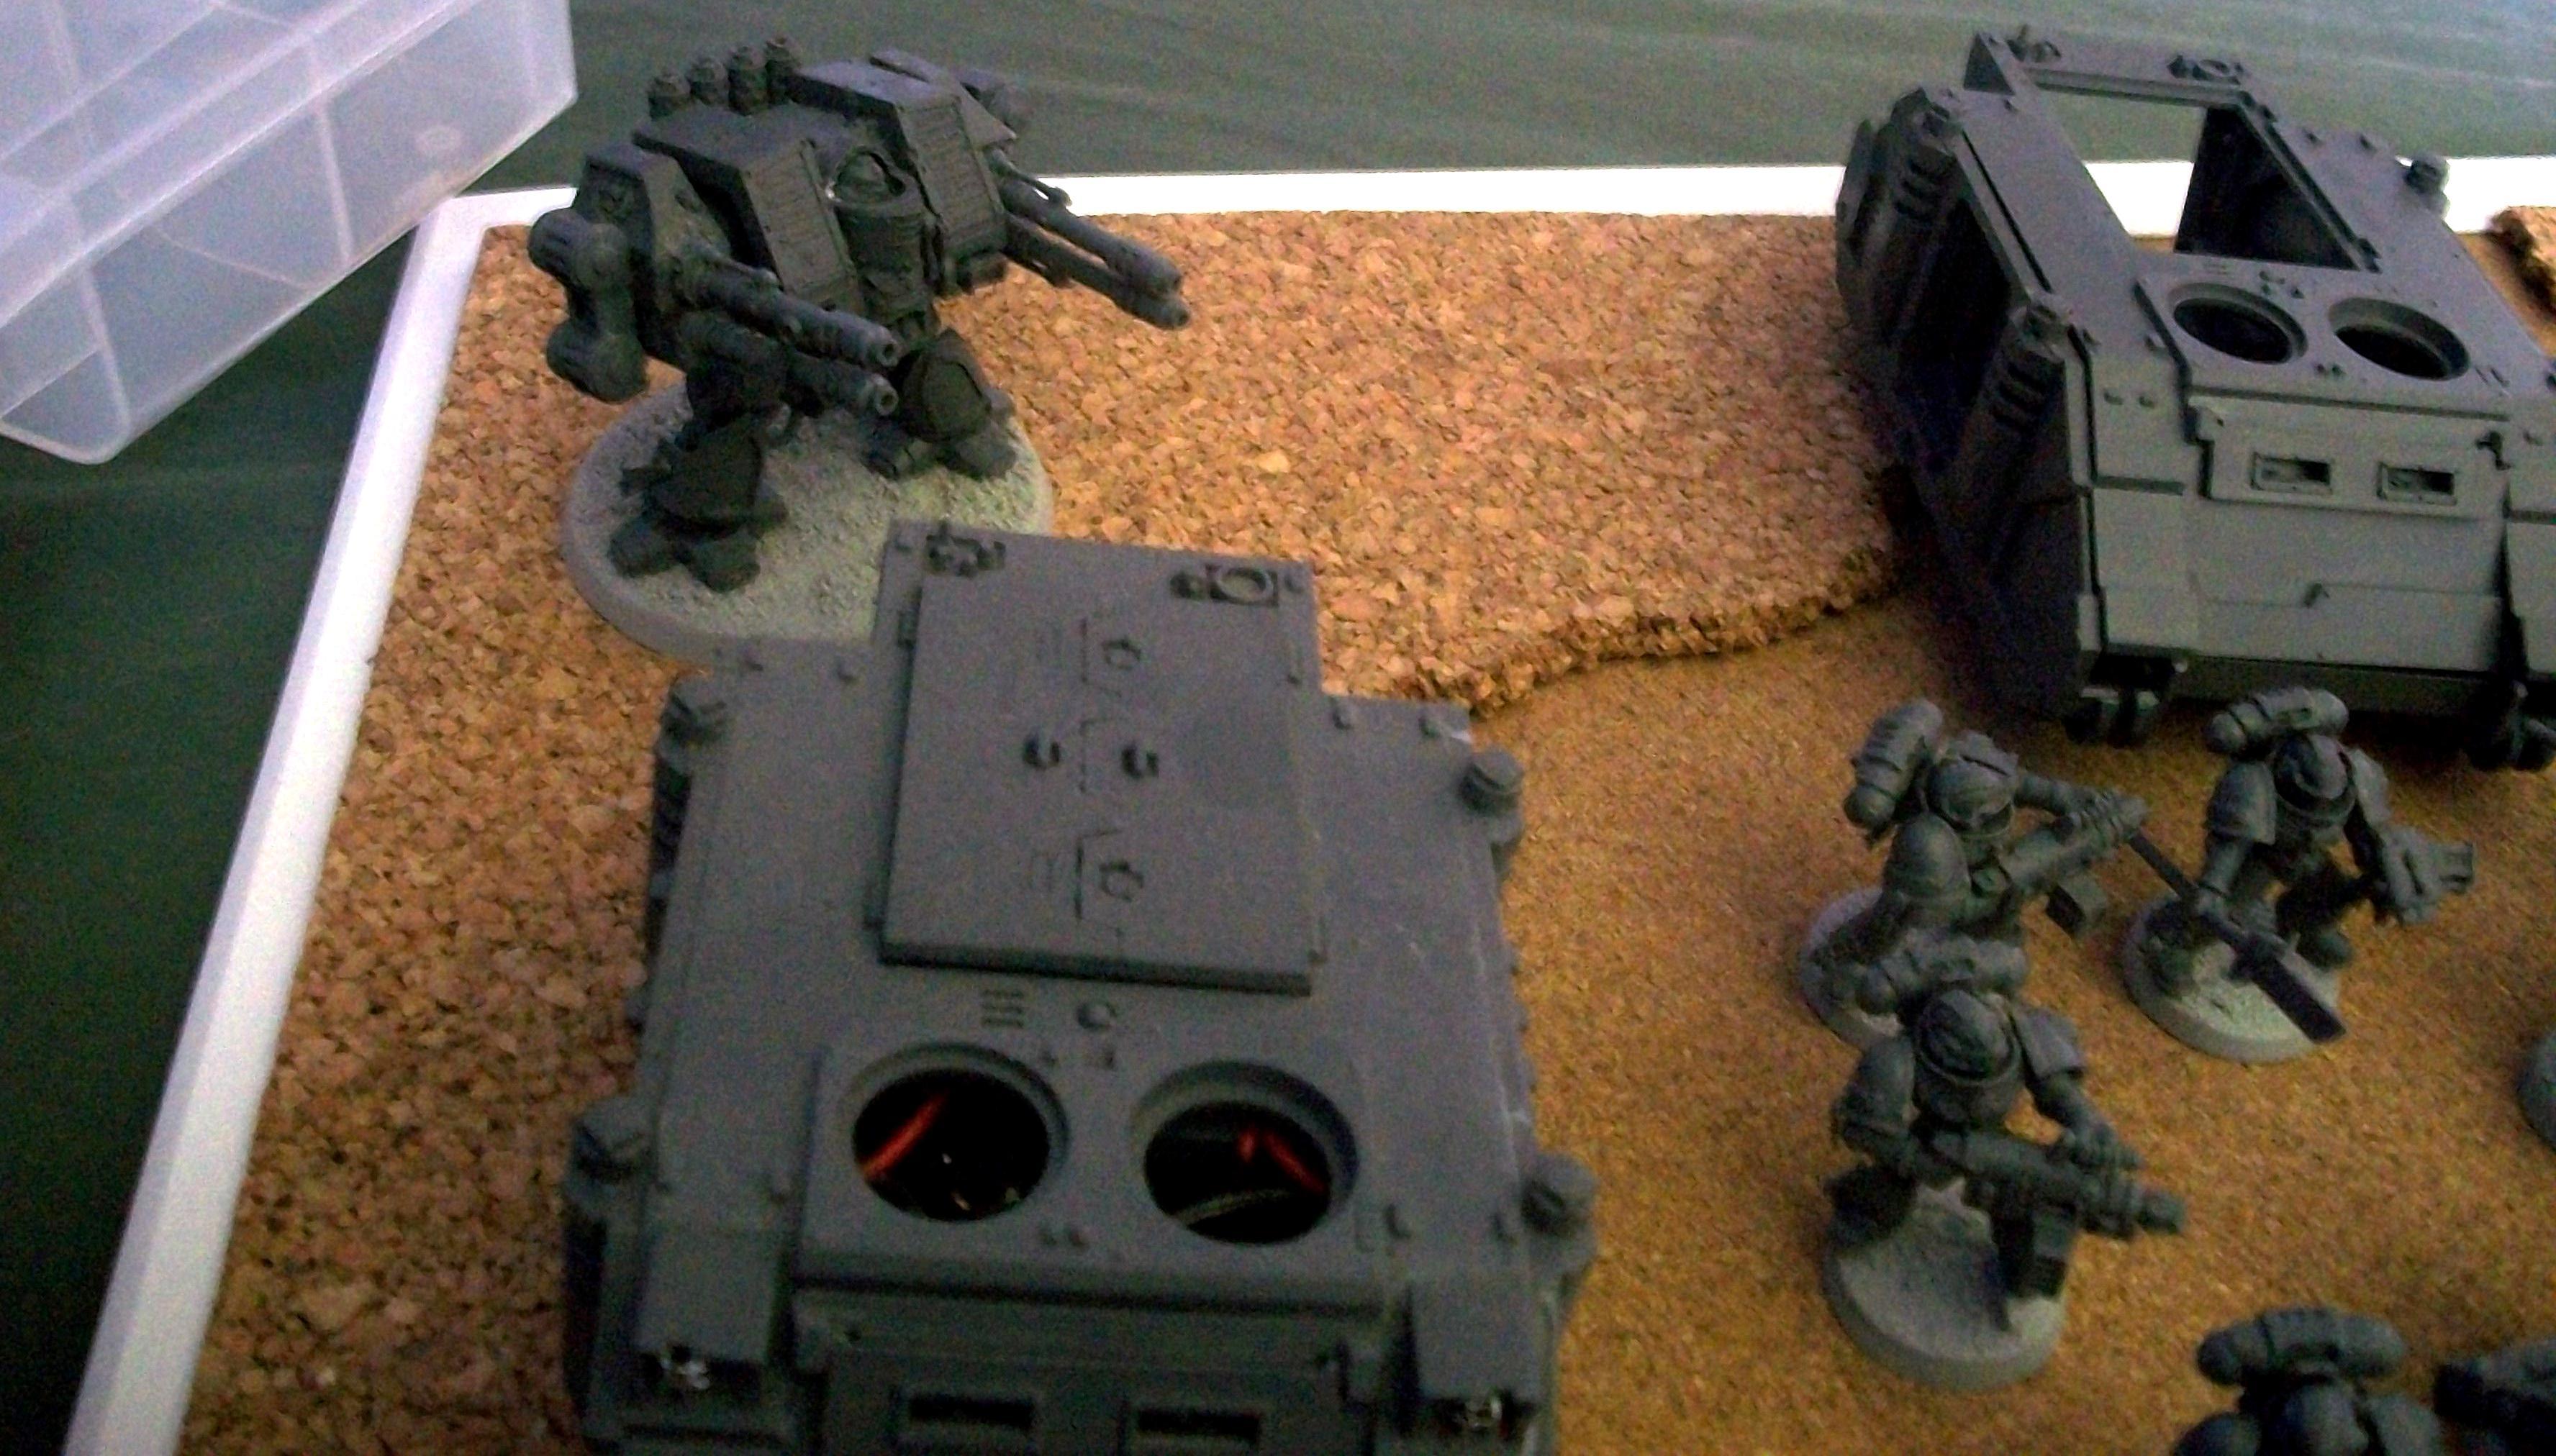 Primered, Showcase, Space Marines, Warhammer 40,000, Work In Progress